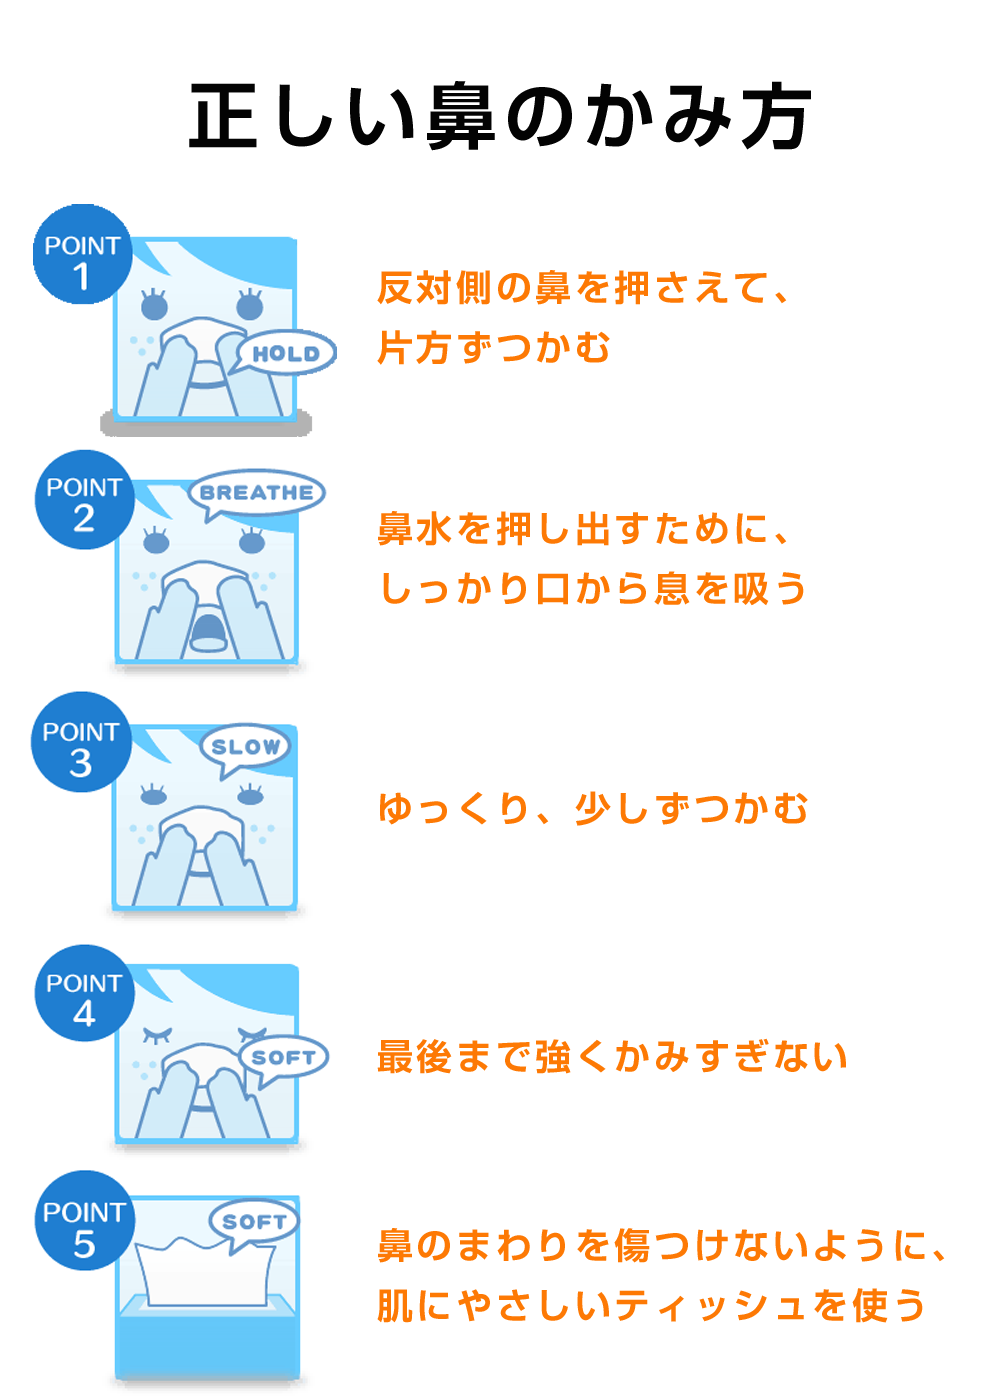 インフォグラフィック:鼻を上手にかむ5つのルール。間違った鼻のかみ方は肺炎になる可能性も